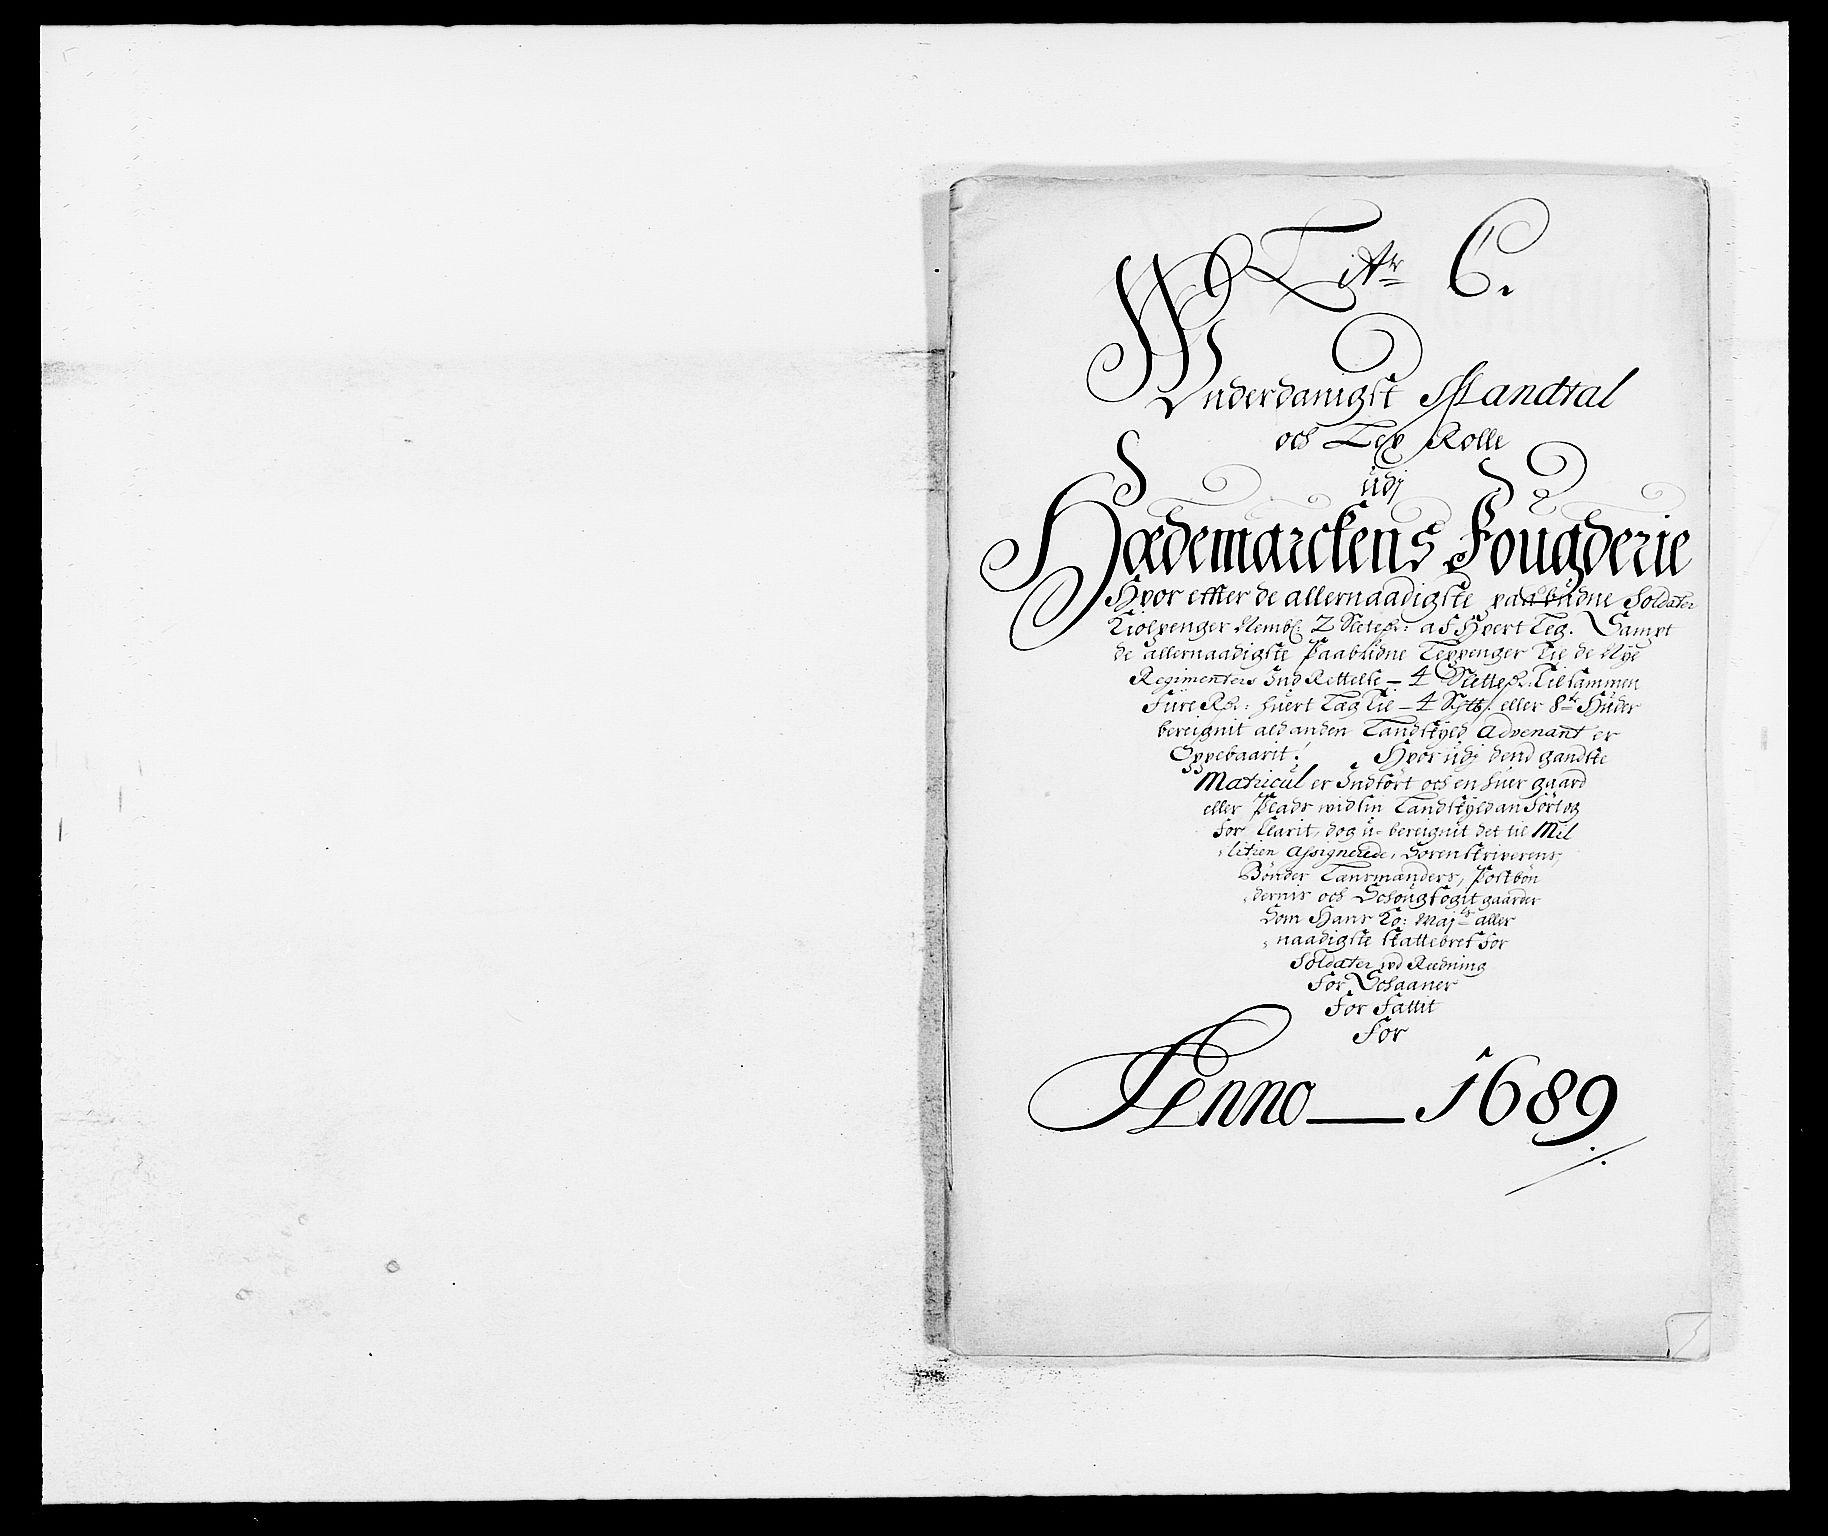 RA, Rentekammeret inntil 1814, Reviderte regnskaper, Fogderegnskap, R16/L1030: Fogderegnskap Hedmark, 1689-1691, s. 95